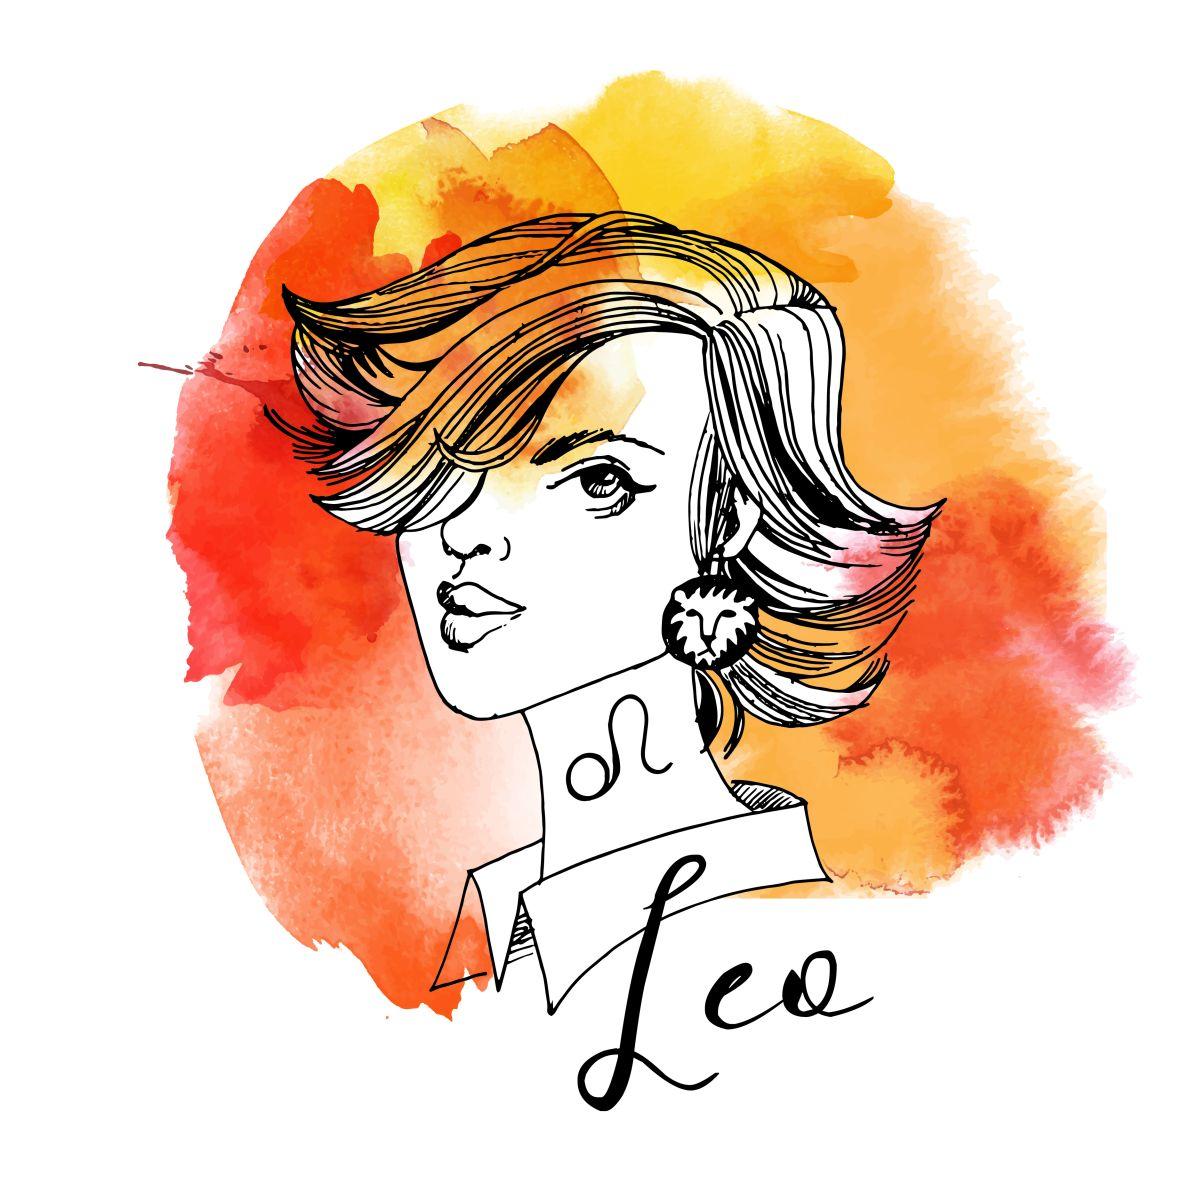 Zodia Leu ilustrată sub forma chipului unei femei frumoase, cu părul tuns bob scurt și buze voluptoase, are în urechea stângă un cercel în forma unui cap de leu.